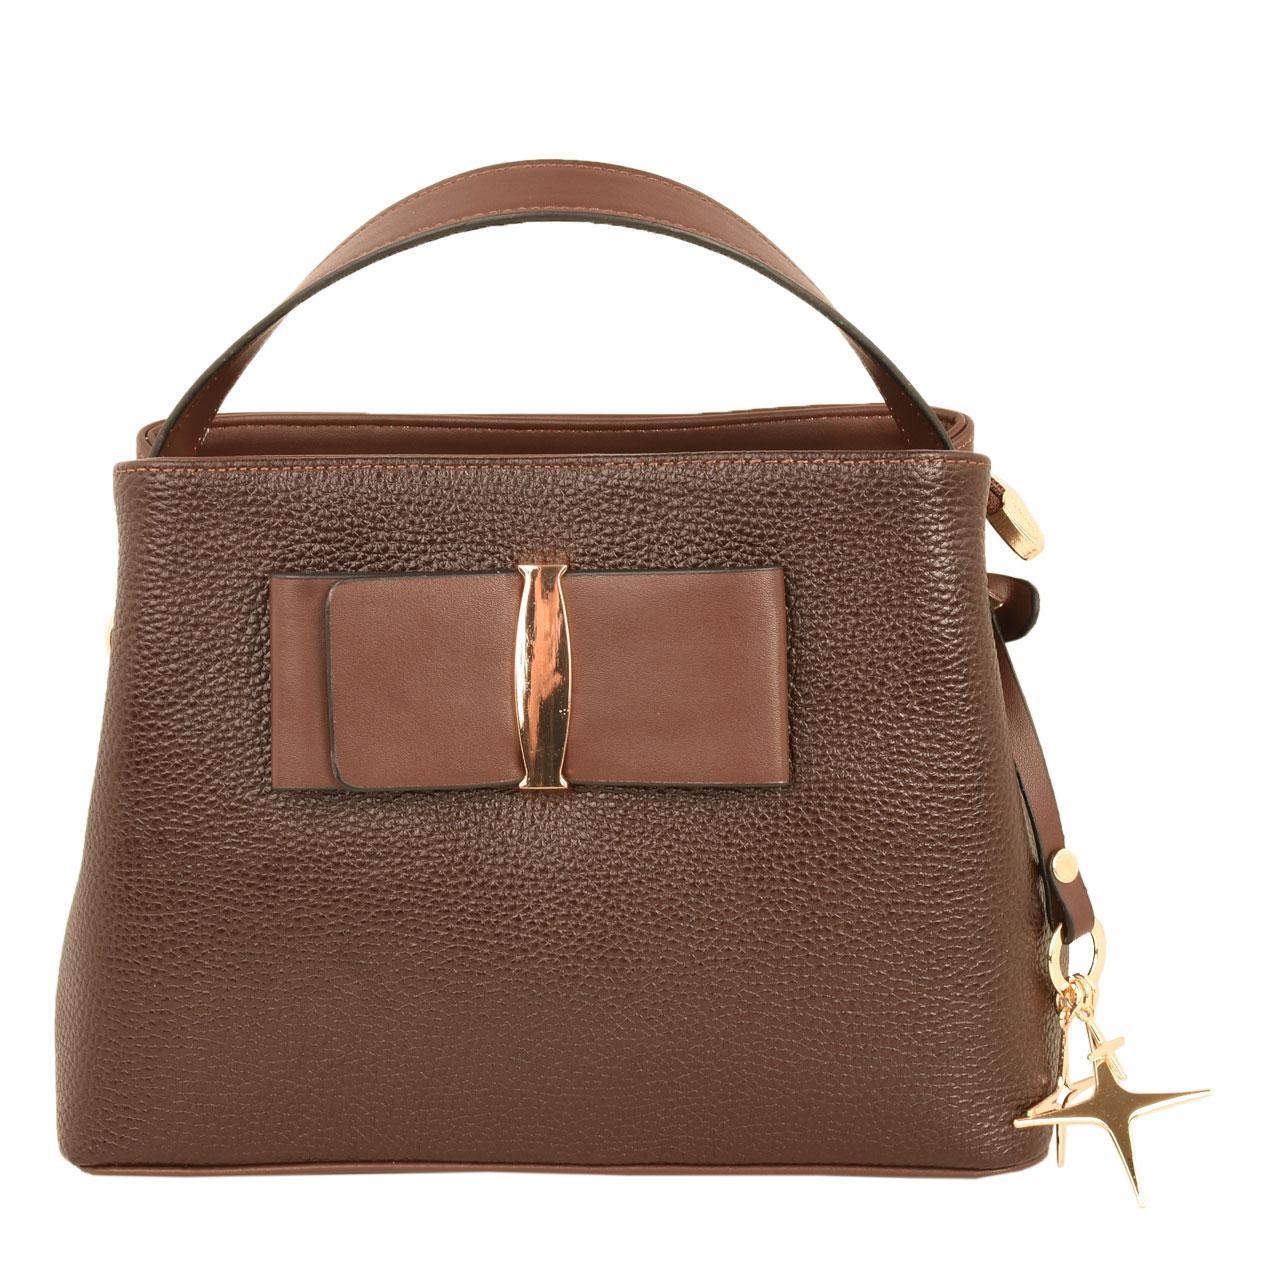 کیف دستی زنانه پارینه مدل PLV148-1575-7